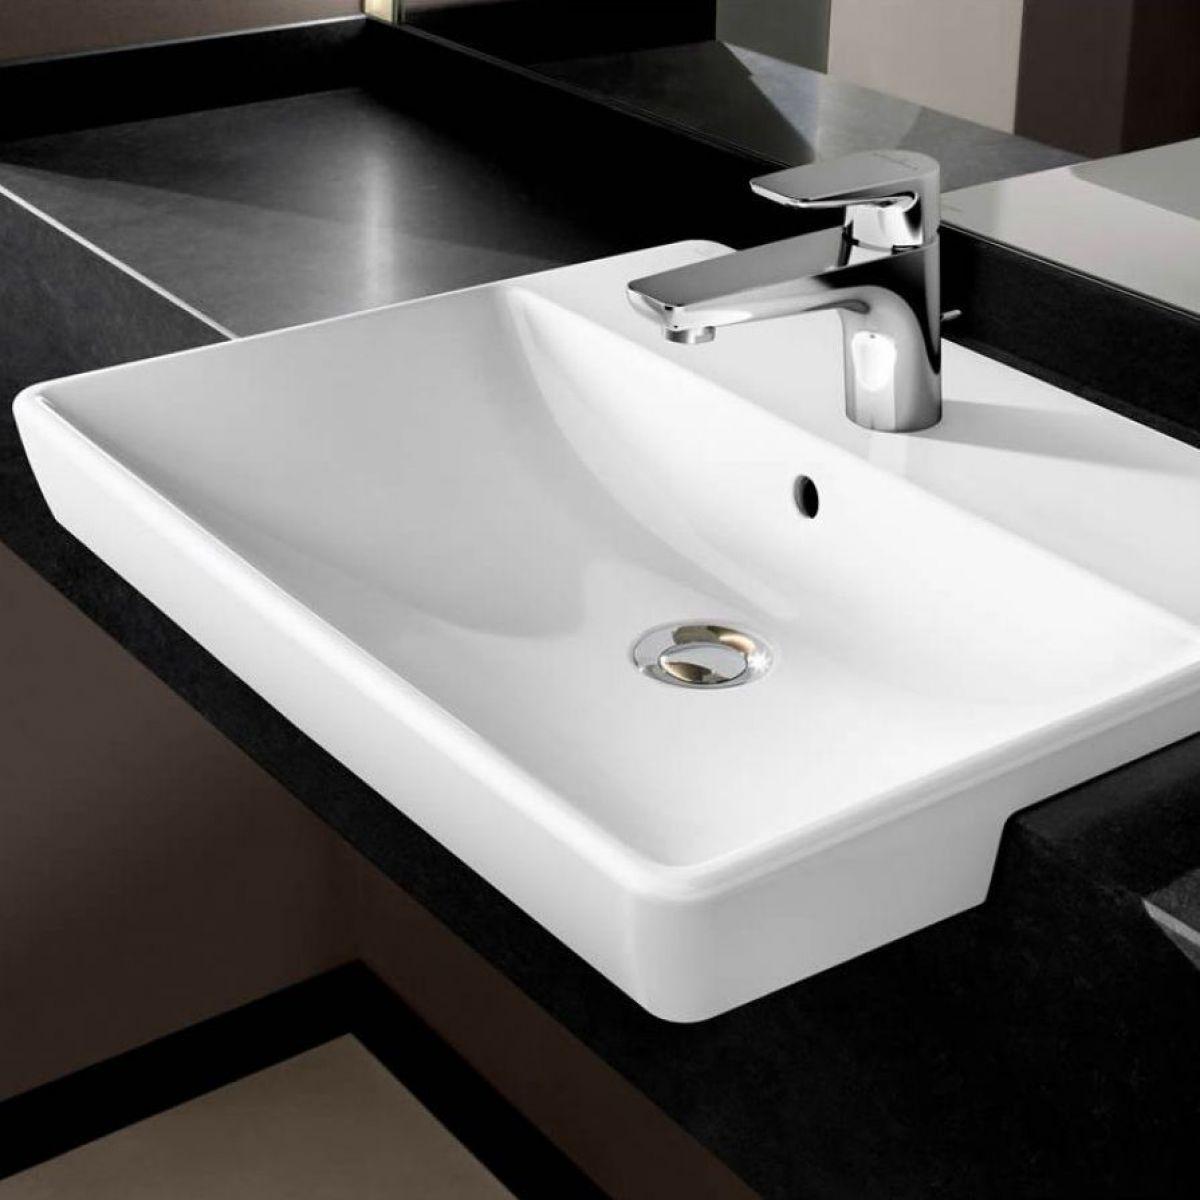 Villeroy Boch Avento Semi Recess Washbasin Washbasin Bathroom Wash Basin Villeroy Boch Inset Basin